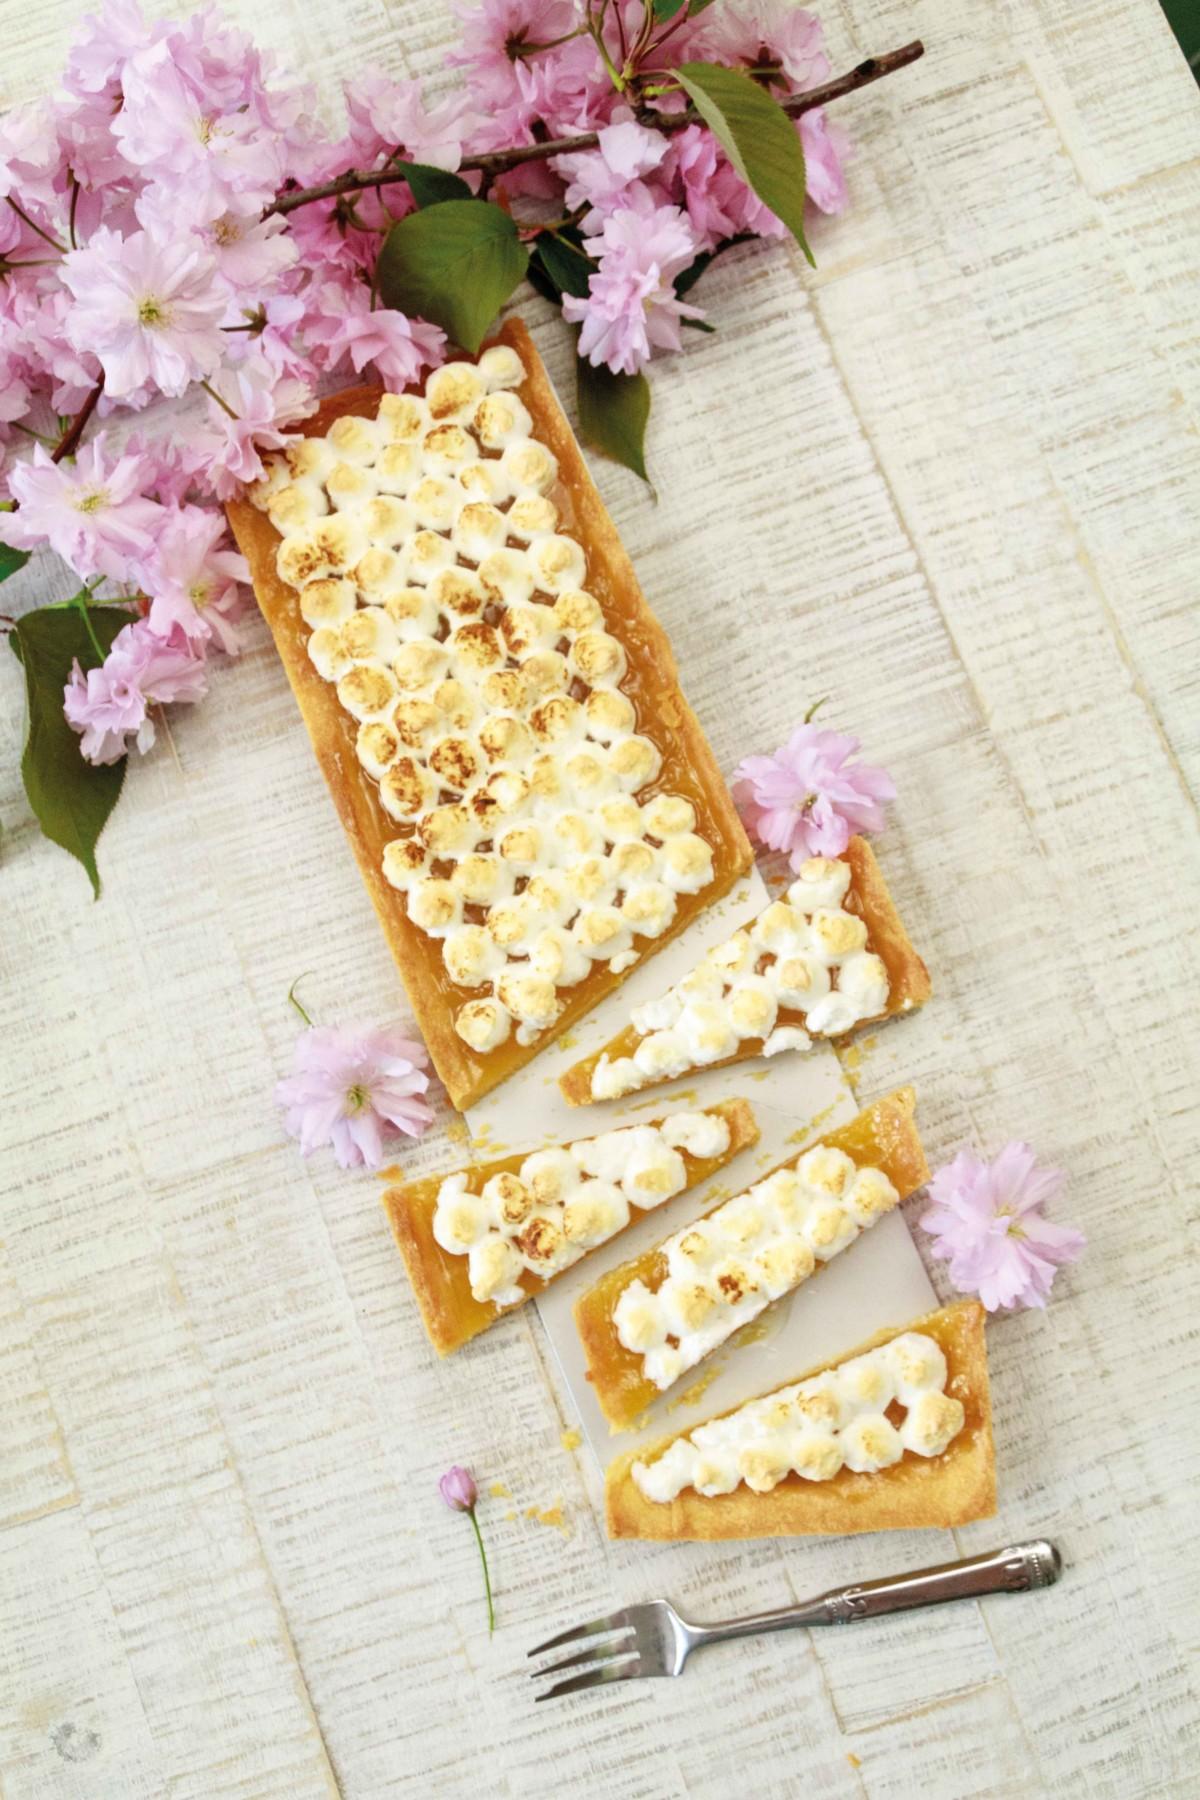 Zitronentarte mit Baiser // Lemontarte with Meringue by http://babyrockmyday.com/zitronentarte-mit-baiser/